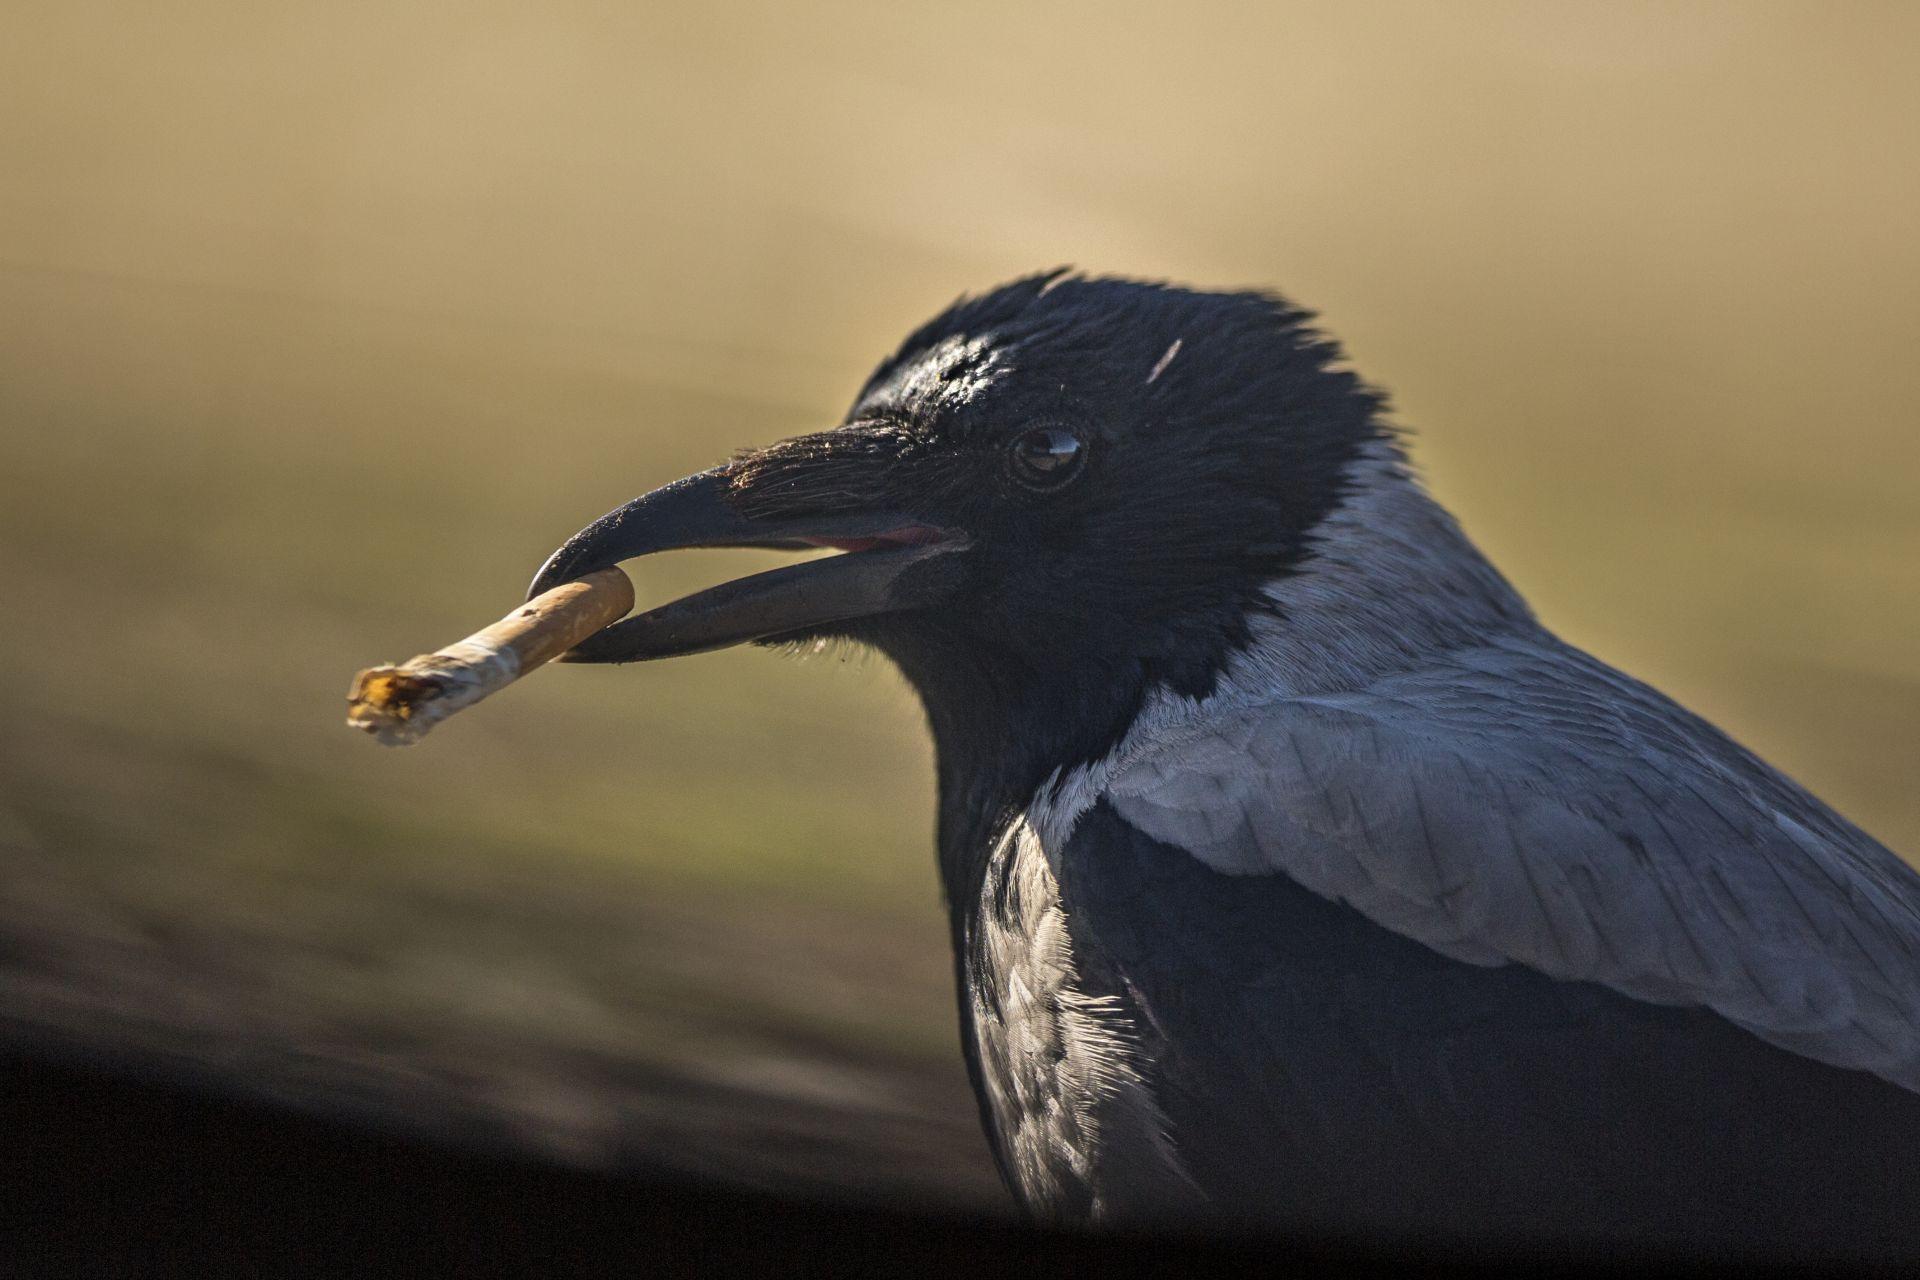 Fotó: Rácz Péter: Kérsz egy slukkot?<br />A szemetelés, akár csak egy csikk eldobása is, komoly következményekkel járhat a természetben. Egy cigarettacsikk lebomlási ideje 10-12 év, ebbe bele sem gondol az, aki könnyedén eldobja. A madarak pedig megeszik az éveken át a földben megbúvó, mérgező anyagokat tartalmazó hulladékainkat.<br /><br />Kezünkben a Föld<br />Dícséretre méltó<br />